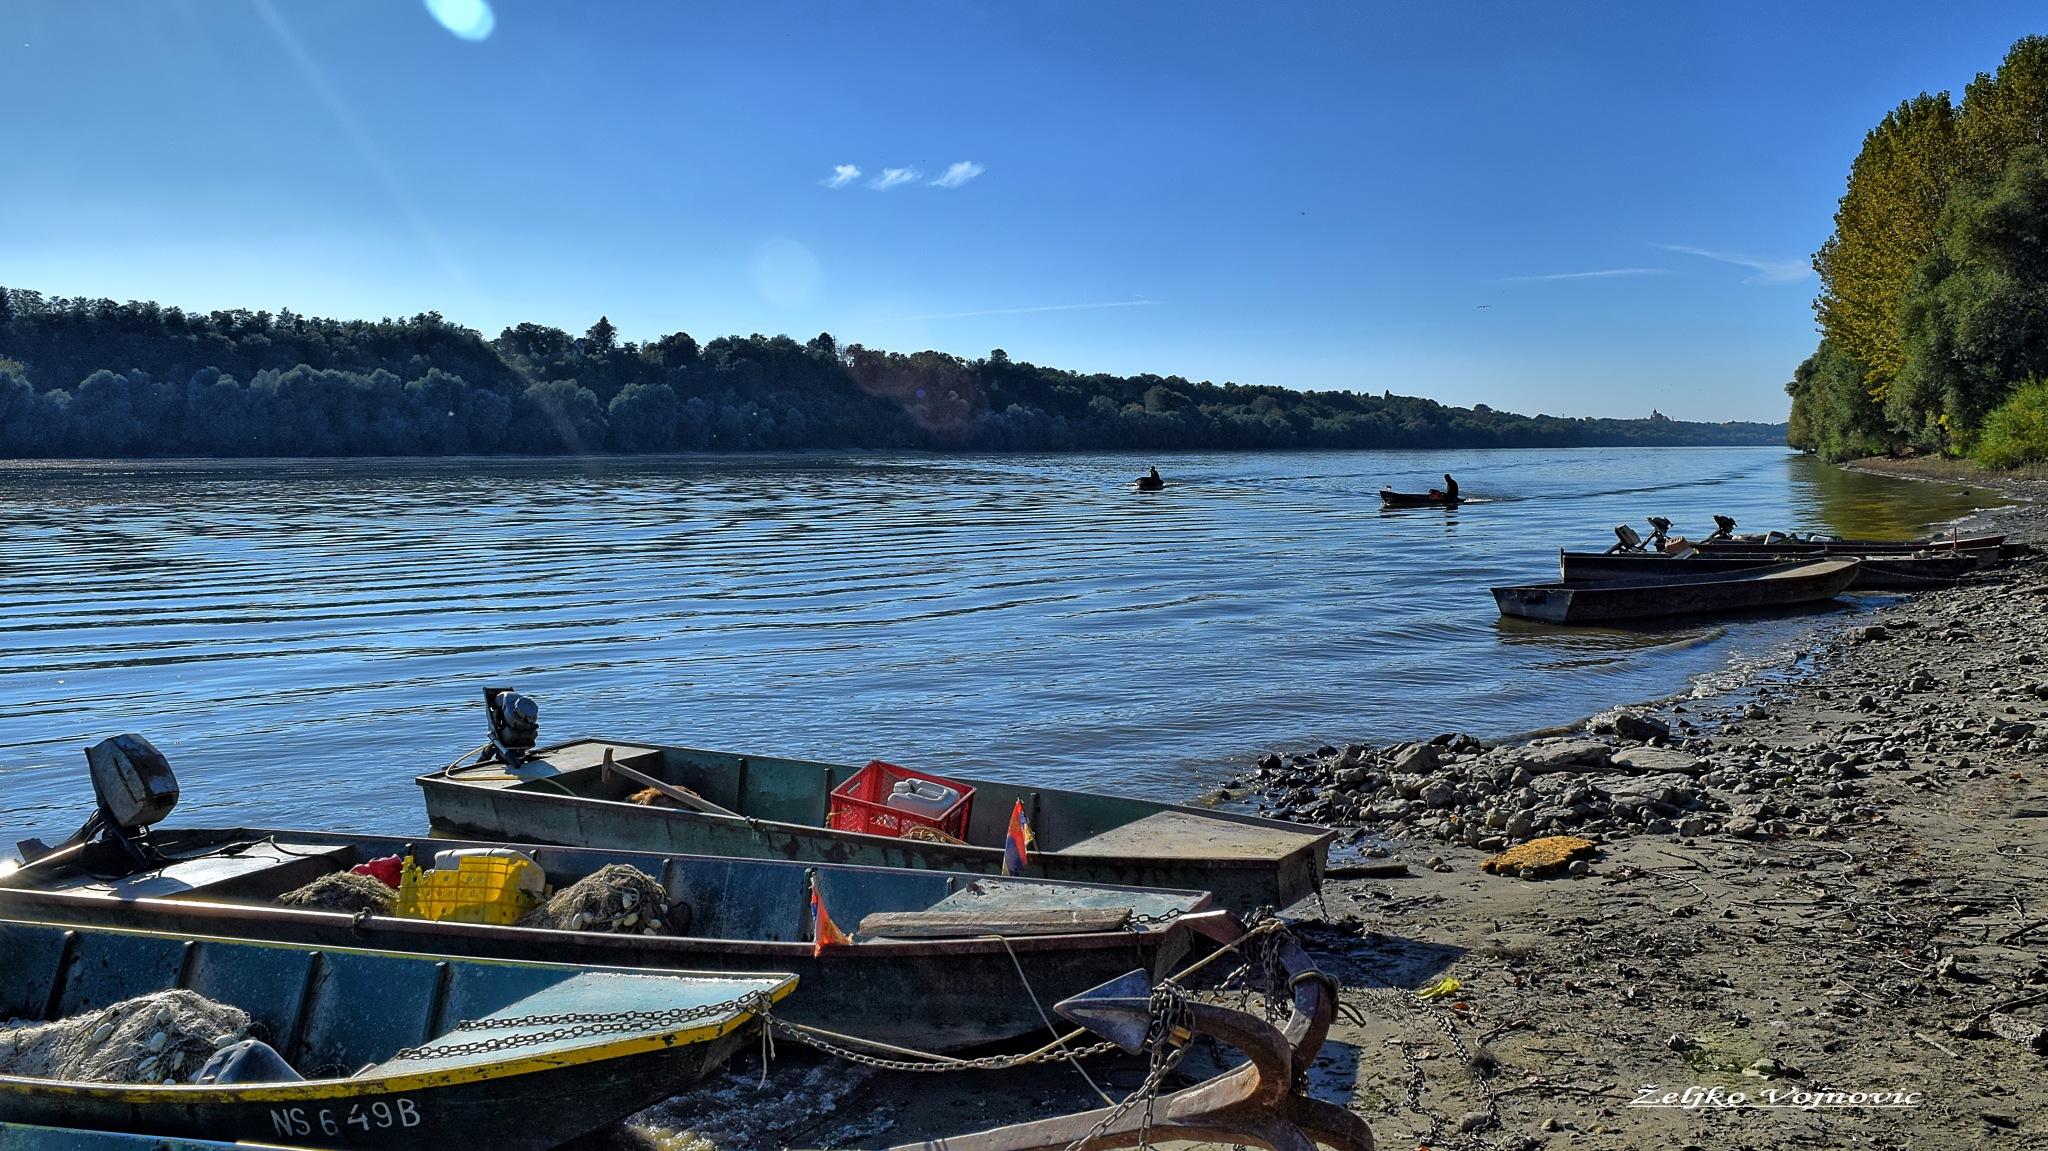 The Danube River ...  by Željko Vojnović